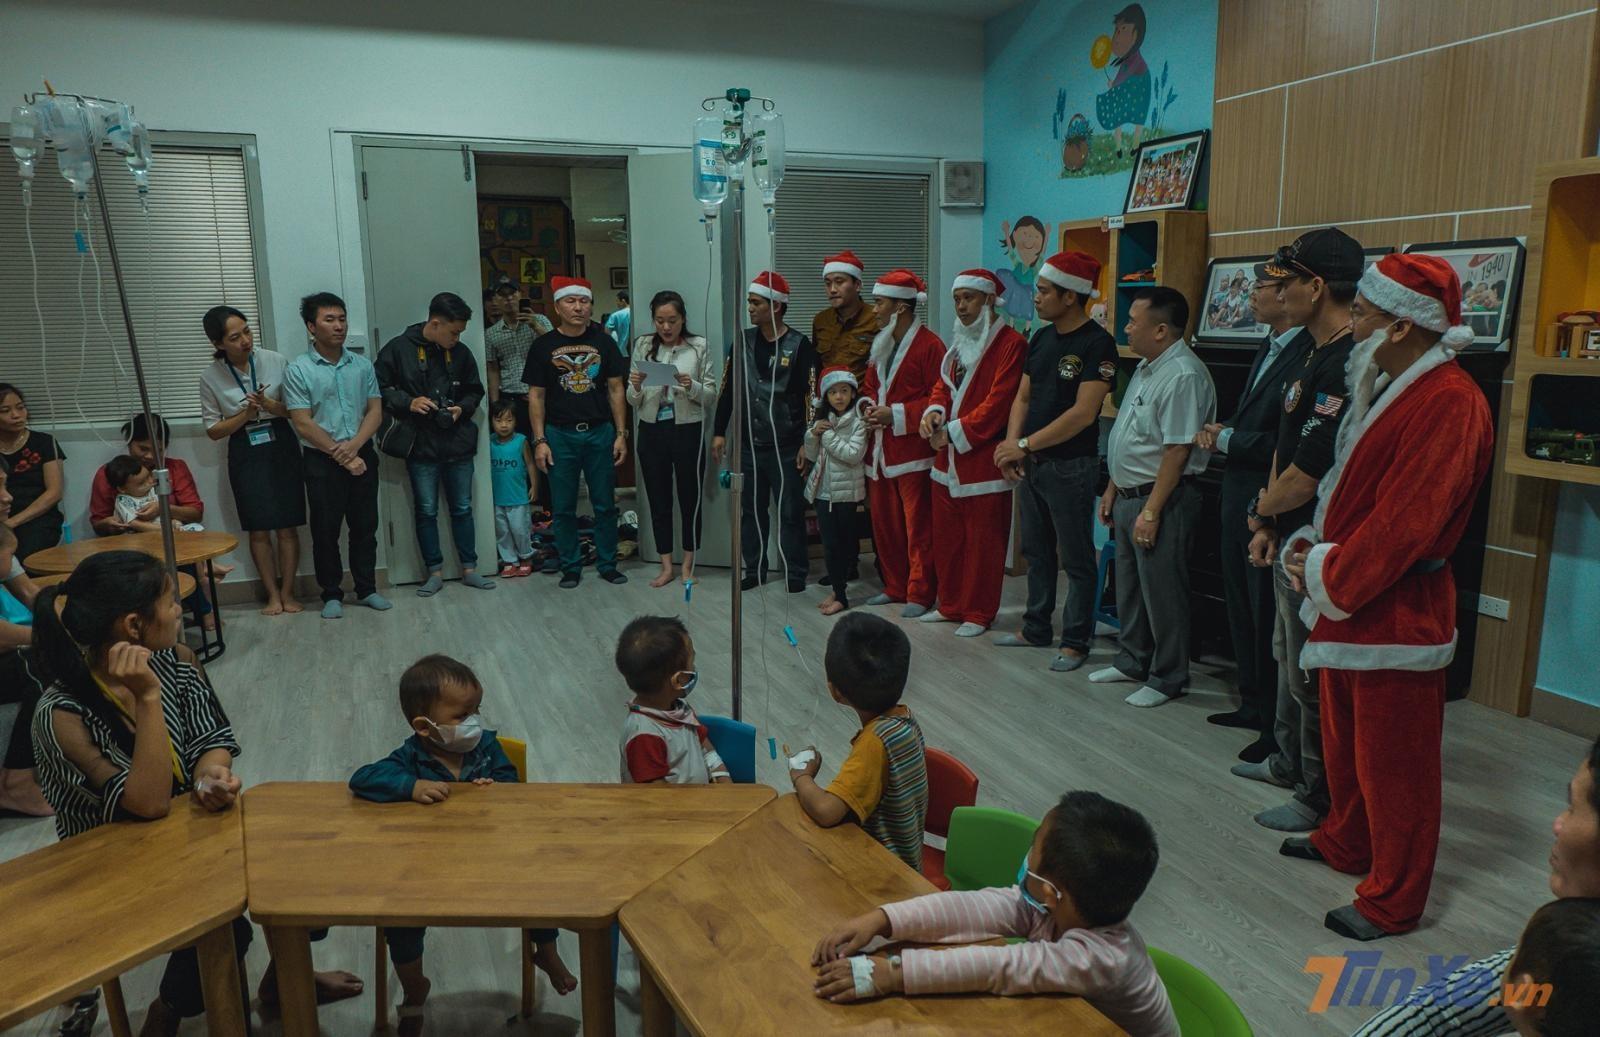 Tiến vào bên trong, các Santa của Harley đã vào giao lưu với hàng chục bé có hoàn cảnh đặc biệt tại viện